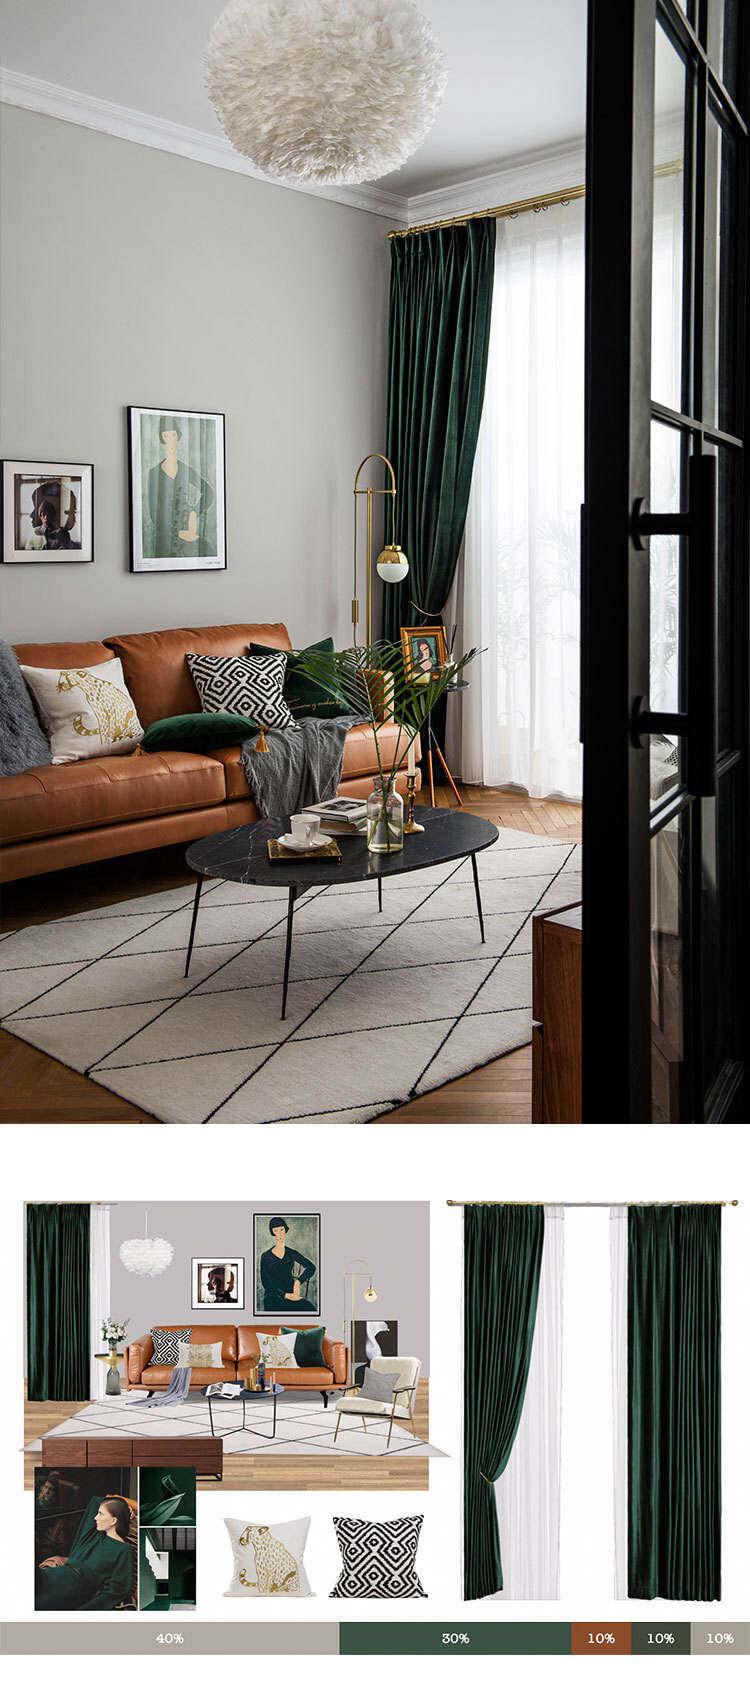 Nordic Velvet Curtains Dark Green Velvet Curtains Blaclout Curtains Solid Color Curtains For Bedroom Living Room Dining Room Lazada Singapore